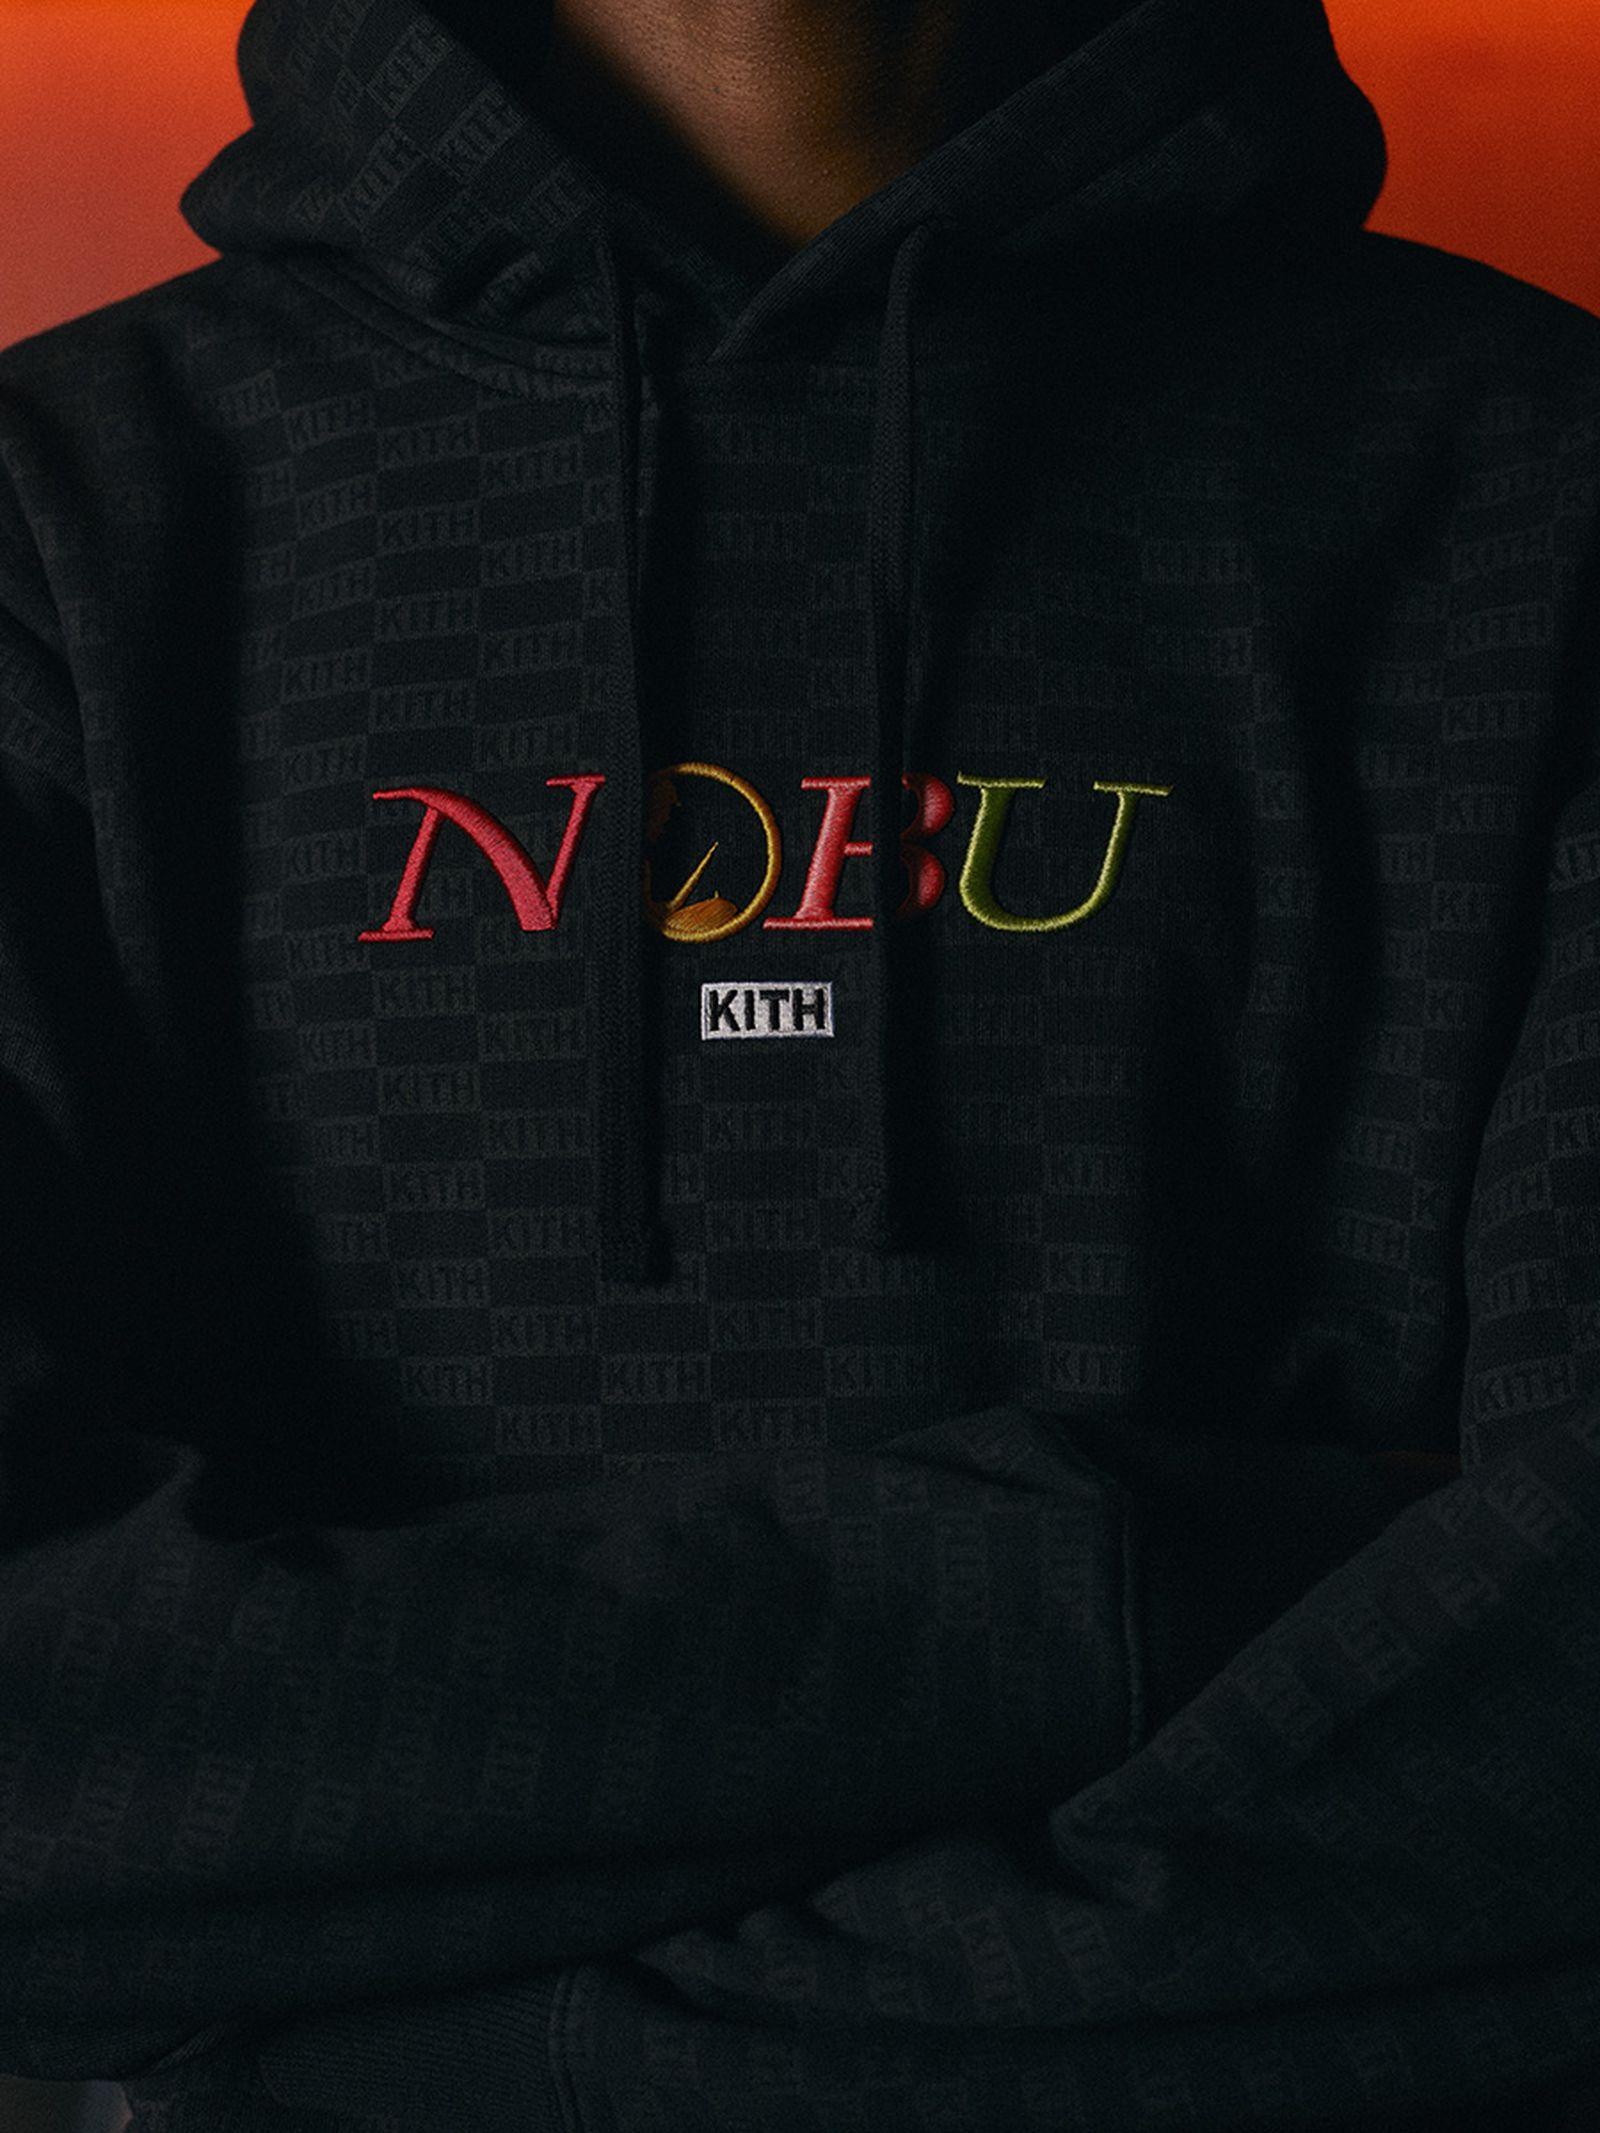 KITH Nobu hoodie